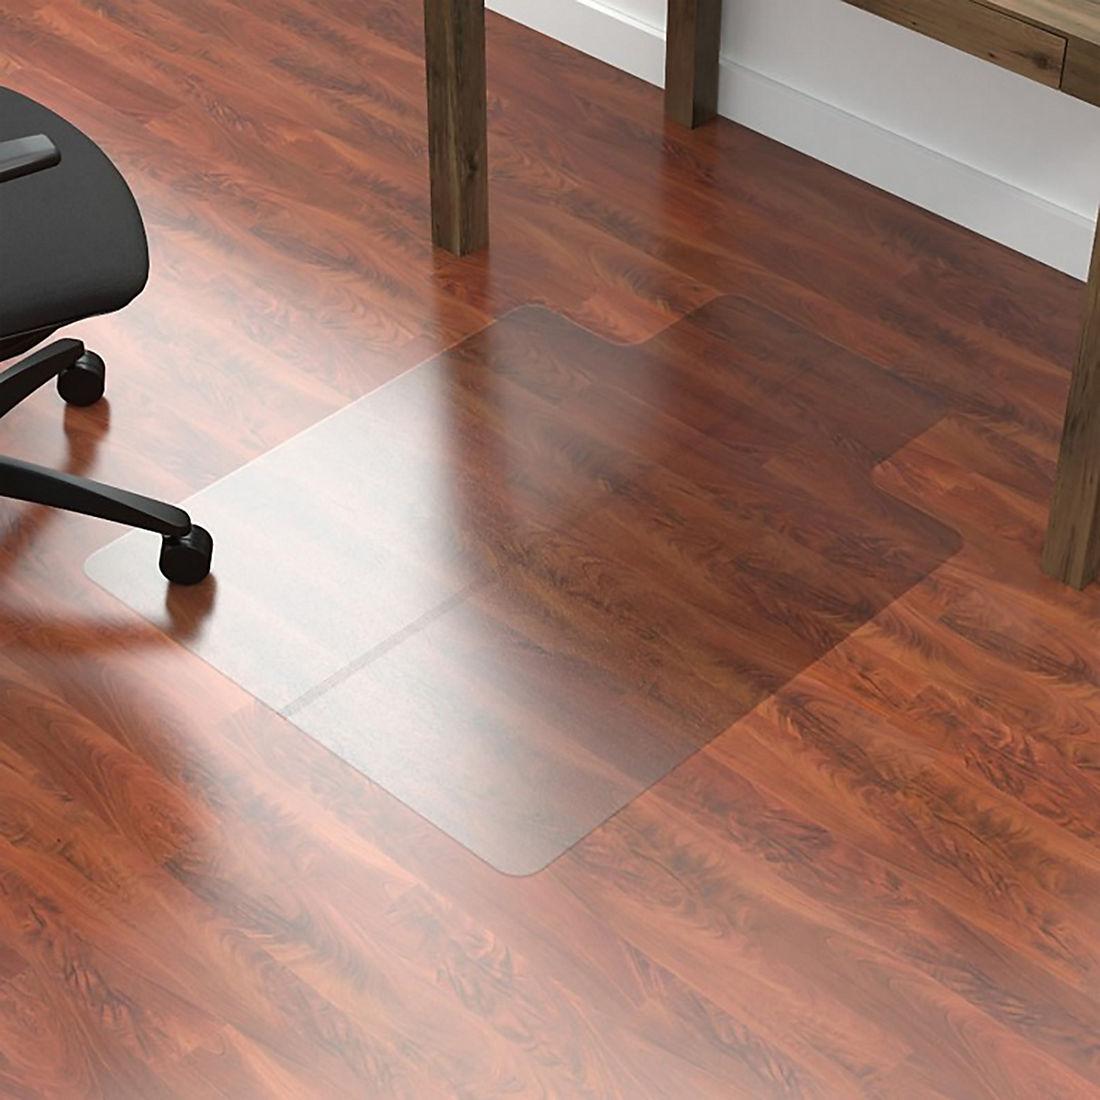 Dimex Hard Floor Roll N Go 36 X 48 Chair Mat Bjs Wholesale Club